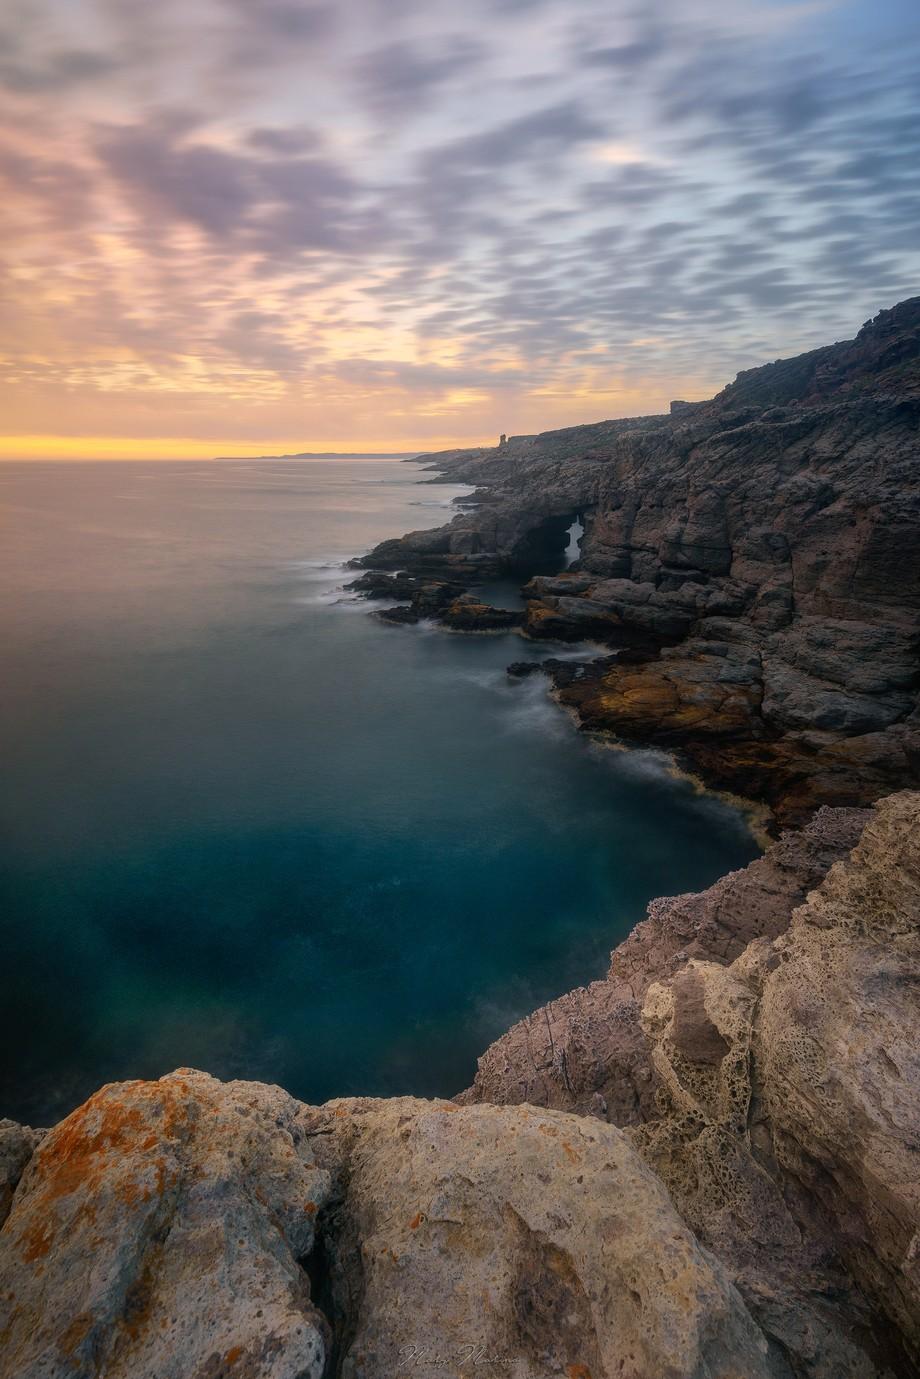 Sardinia sunset by MaryMarino - Social Exposure Photo Contest Vol 16